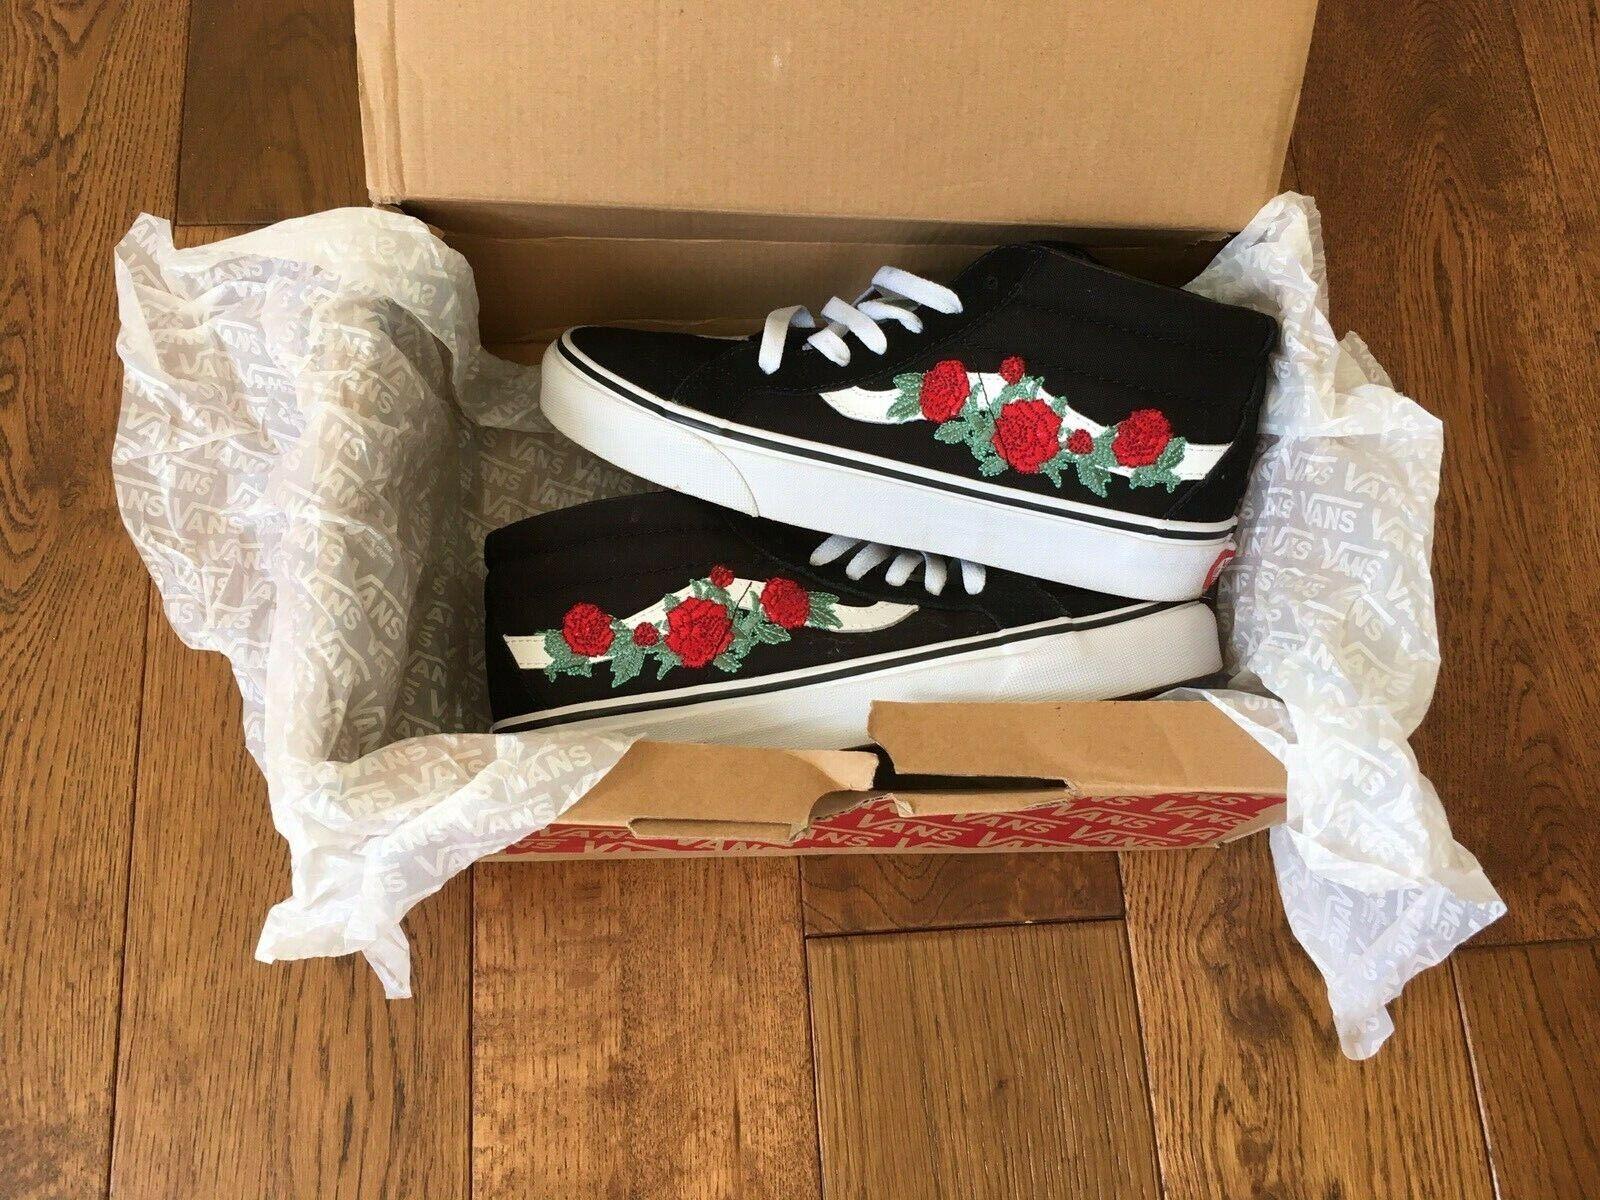 Vans Old Skool Red Rose-embroidered